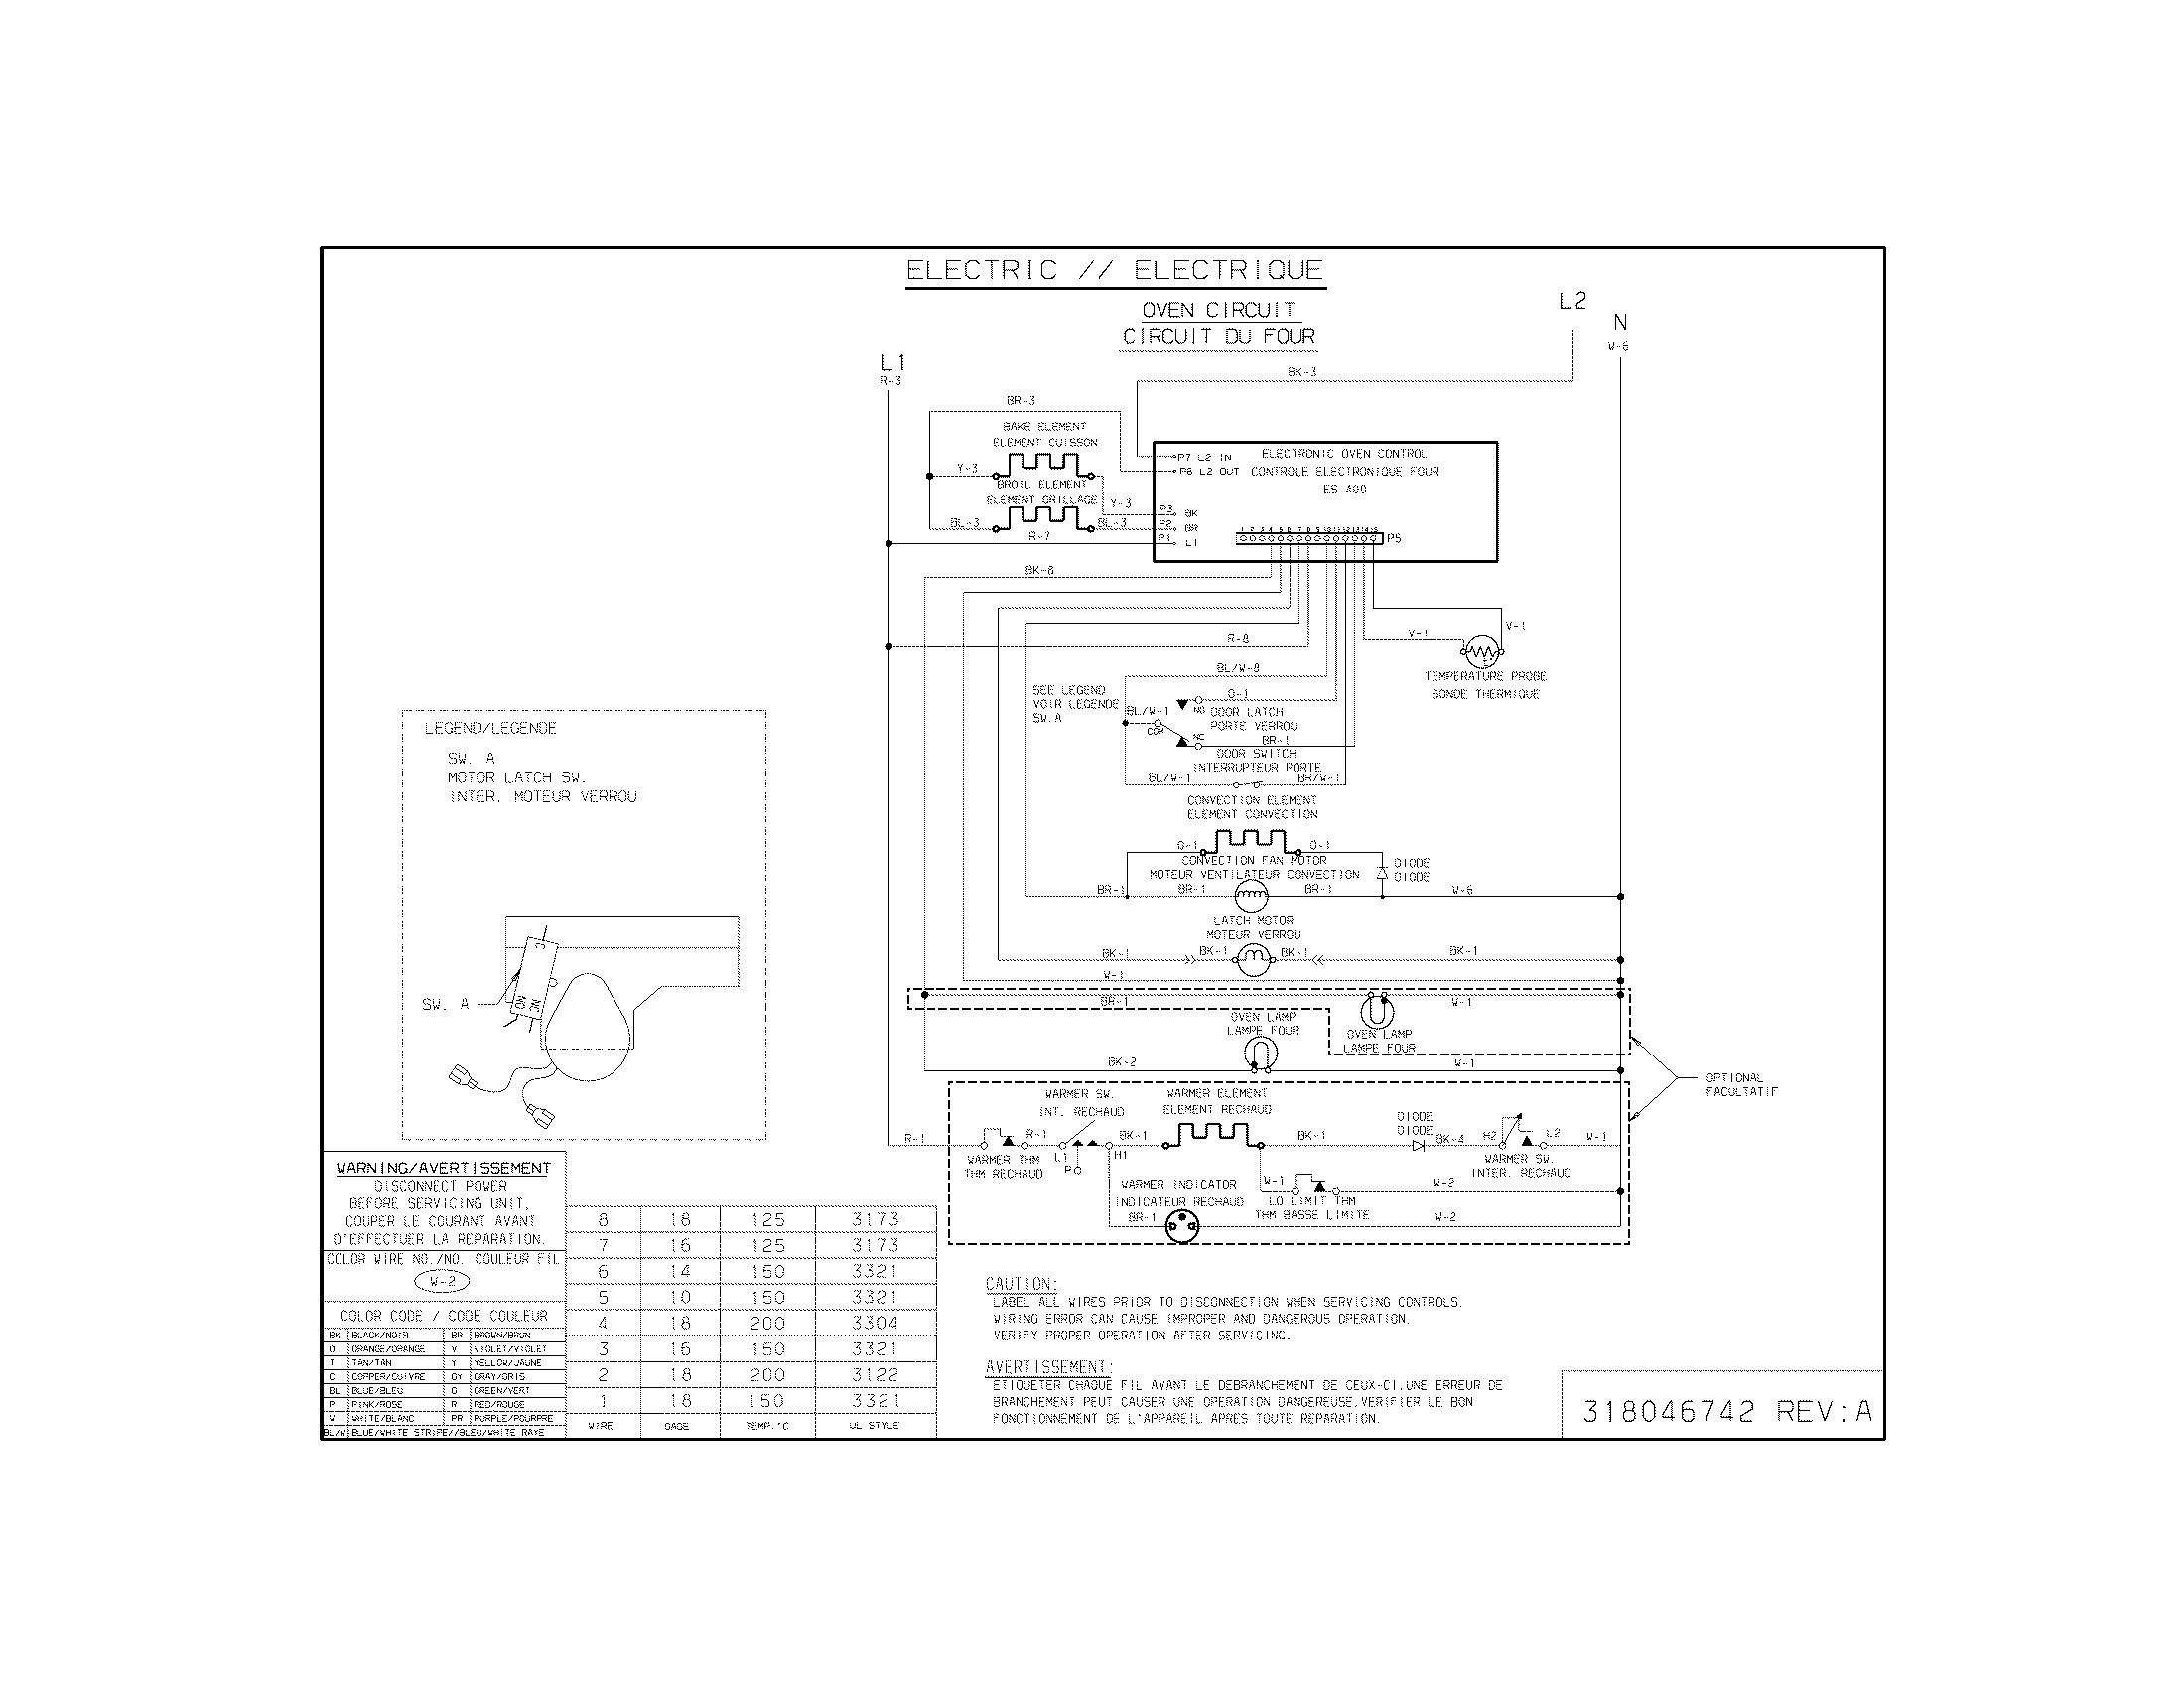 Phenomenal Schlage Wiring Diagram Wiring Library Wiring Cloud Ittabisraaidewilluminateatxorg